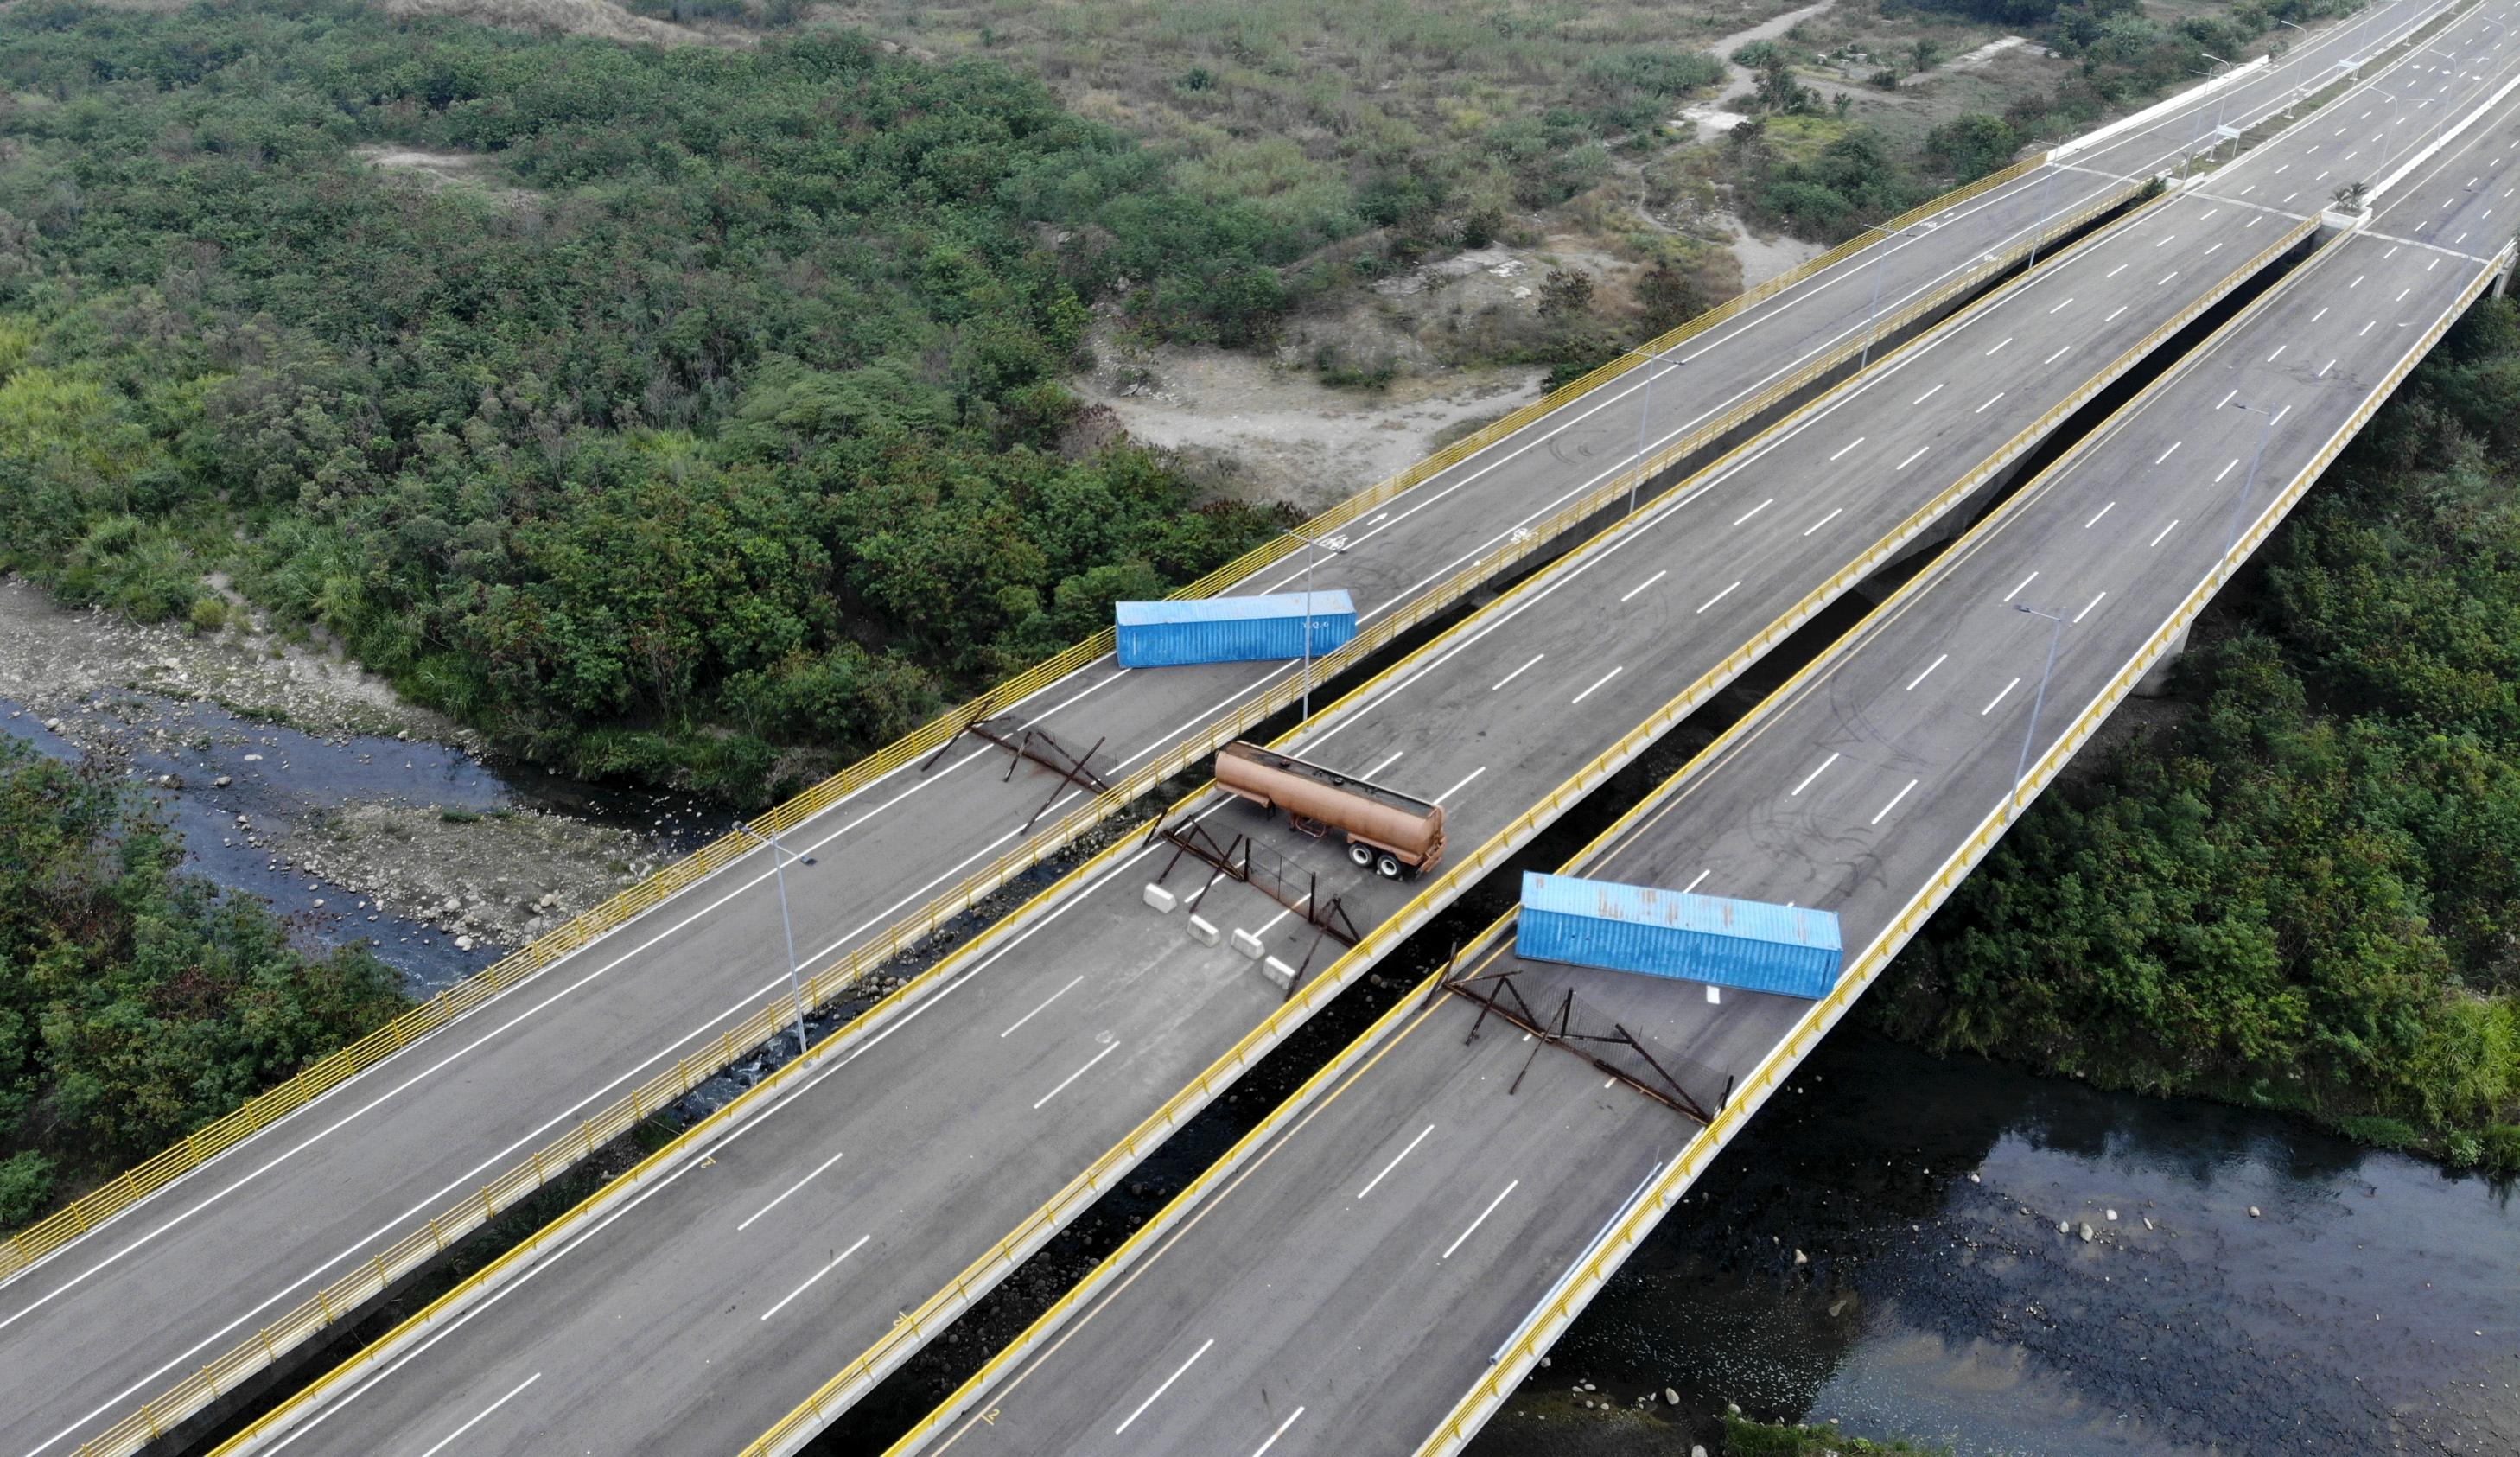 """""""El pueblo venezolano necesita desesperadamente ayuda humanitaria. EEUU y otros países están tratando de ayudar, pero el Ejército de Venezuela bajo las órdenes de Maduro está bloqueando la ayuda con camiones y tanques para el transporte de mercancías"""",<a href=""""https://twitter.com/SecPompeo/status/1093191550367080448""""> dijo Pompeo en Twitter. </a>"""